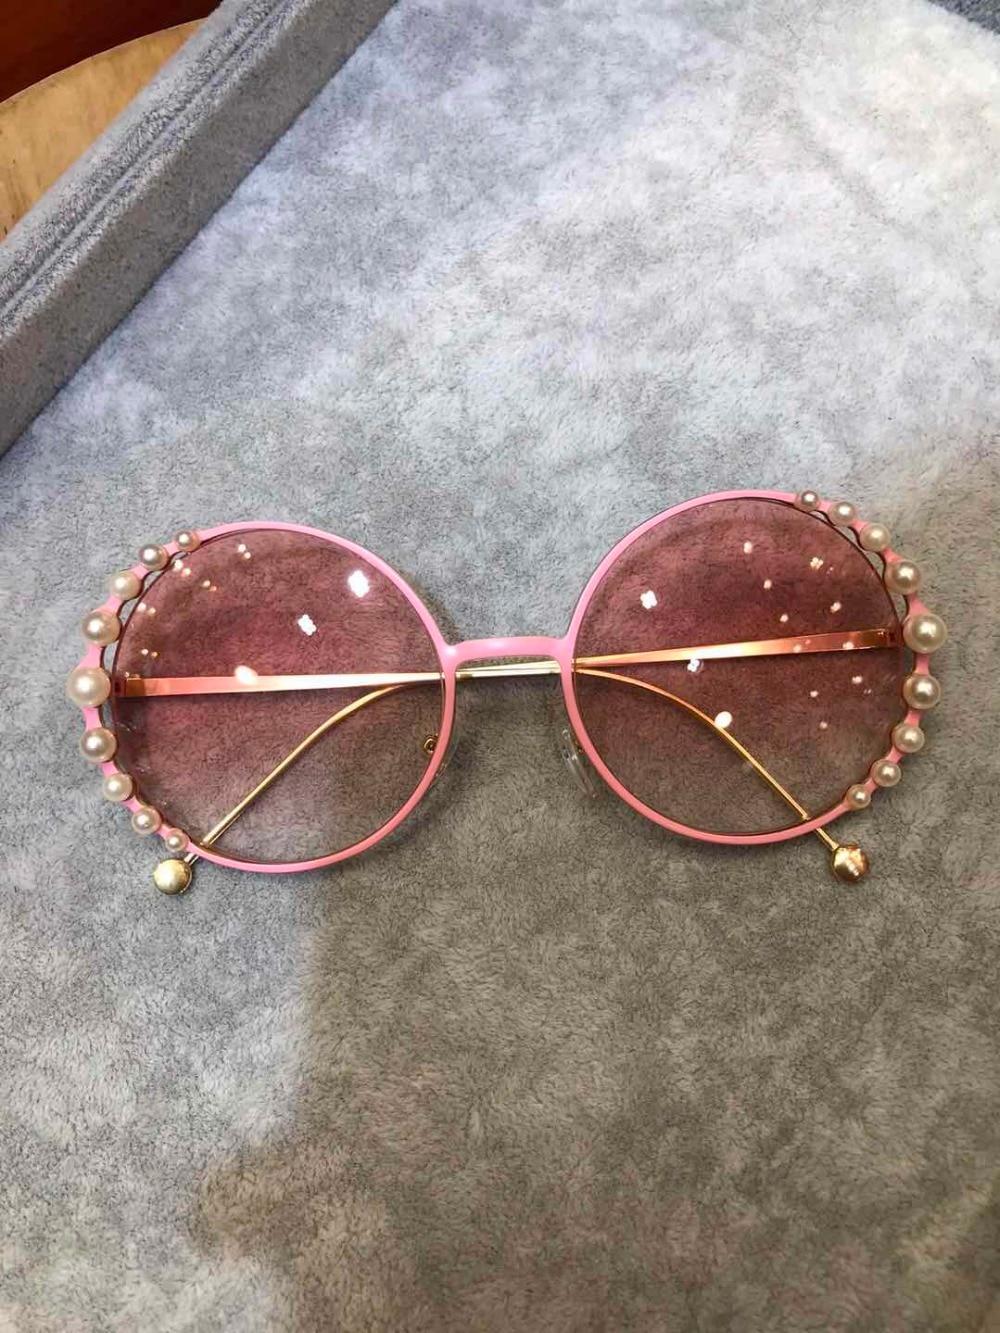 Carter 2018 rosa Designer Frauen Gläser Marke Runway Purpurrot Sonnenbrille Für Luxus Y0719 x7wqr70PU